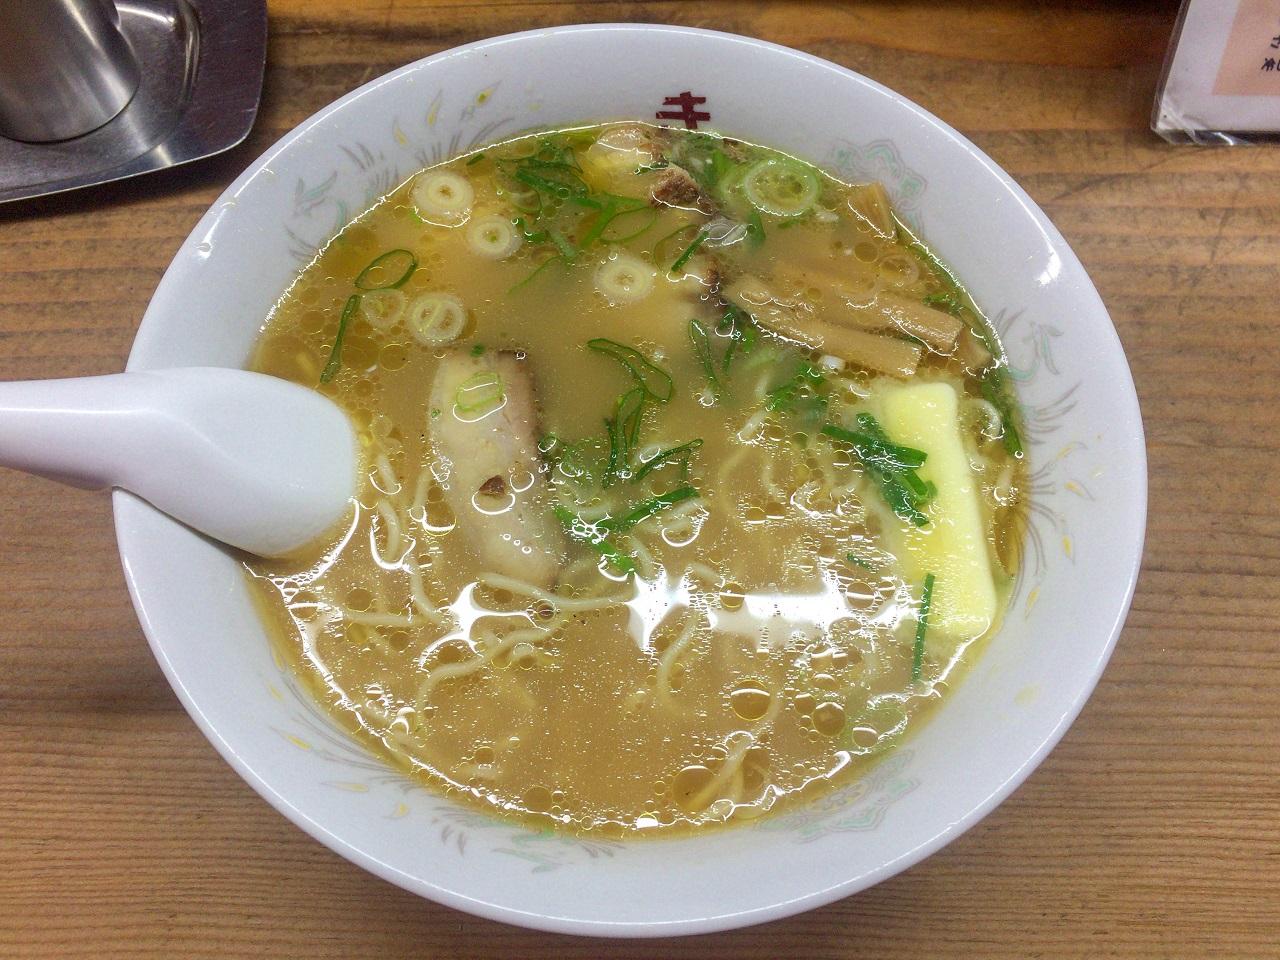 คามิคาวะ ราเมน แสนอร่อยจาก ฮอกไกโด